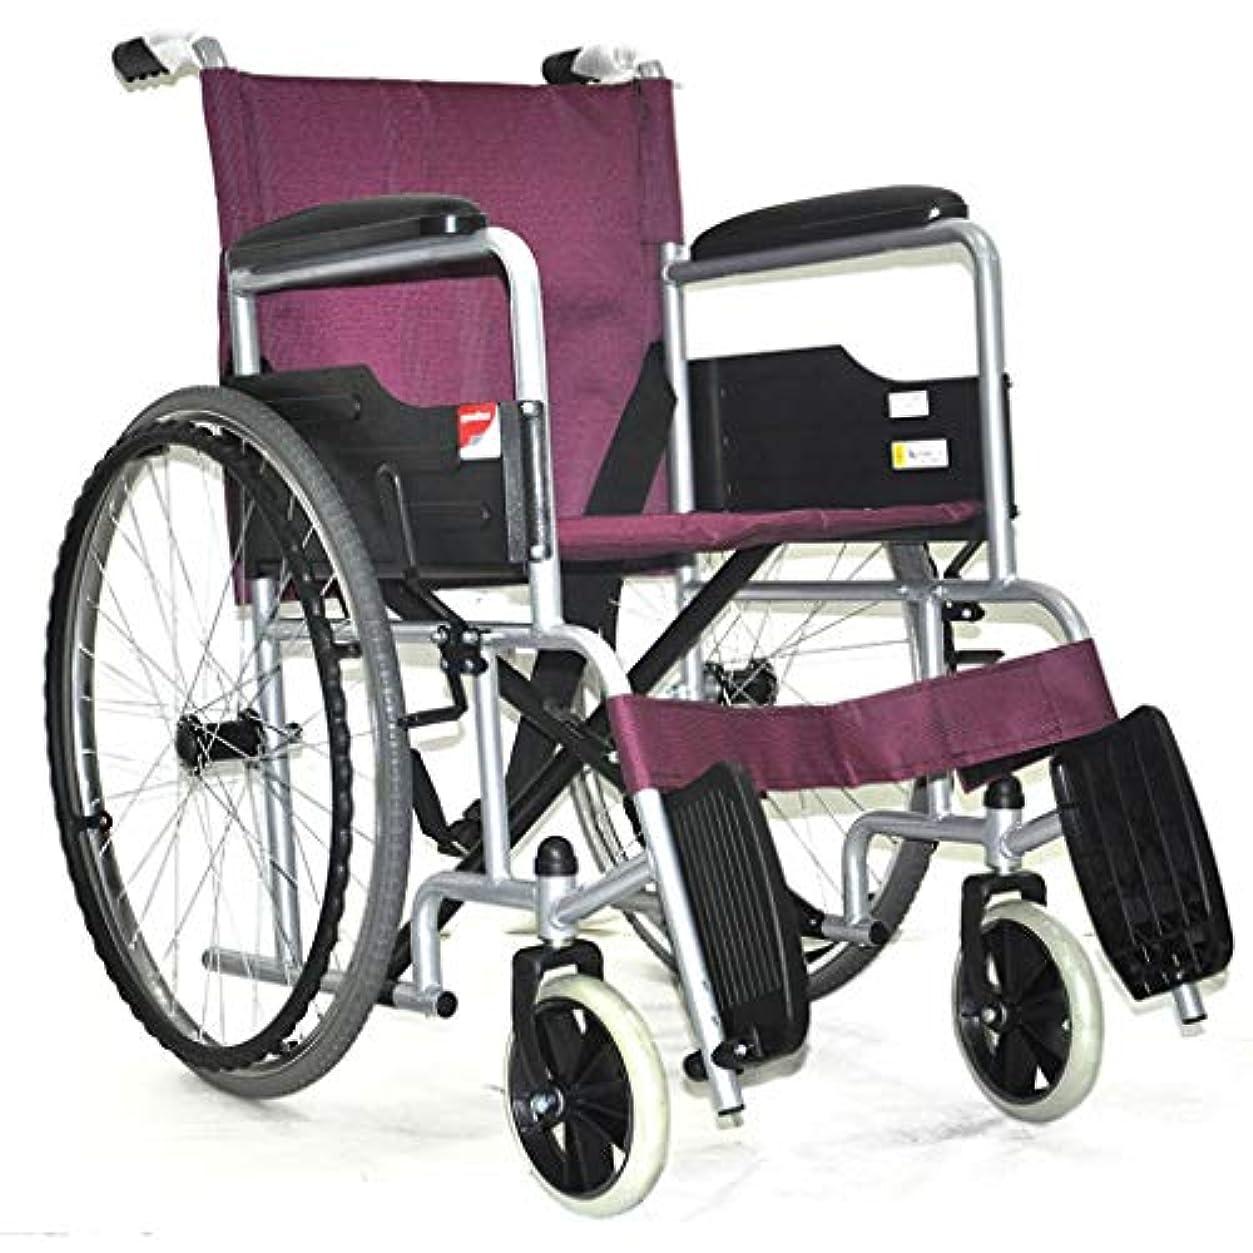 同級生座るエンドテーブル車椅子トロリー折りたたみライトポータブル、高齢者障害者屋外旅行車椅子